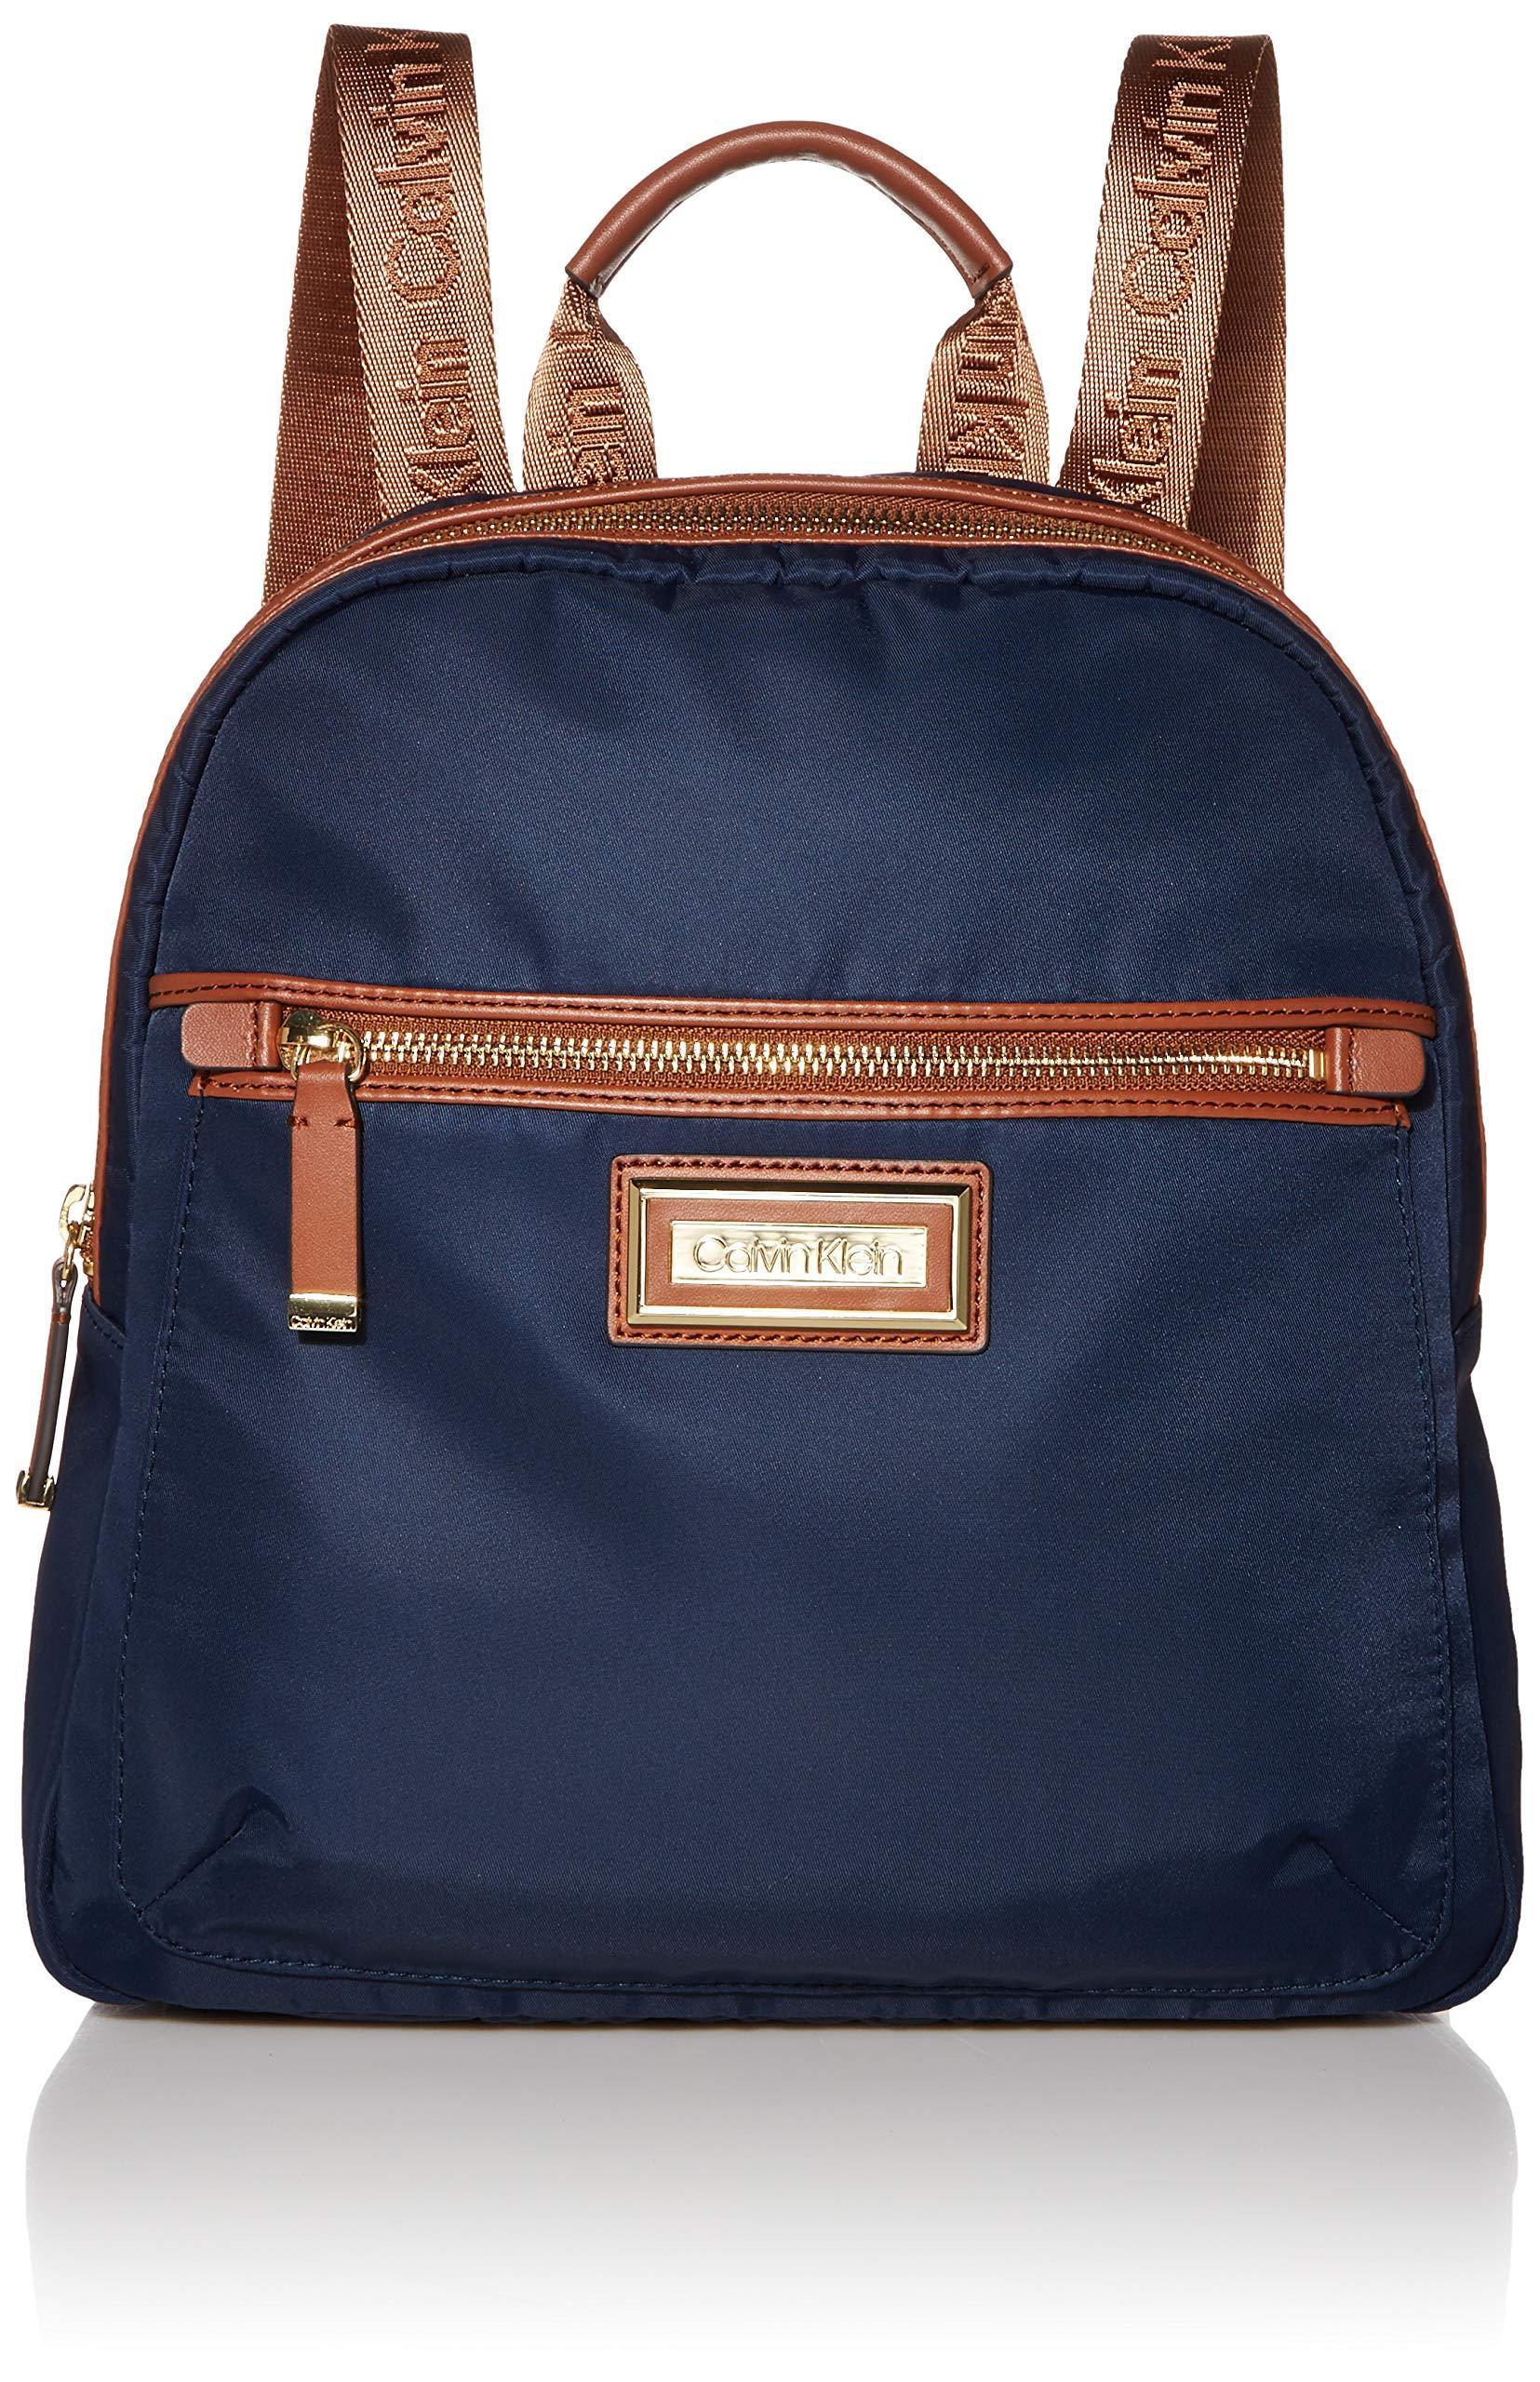 Lyst - Calvin Klein Belfast Nylon Key Item Backpack in